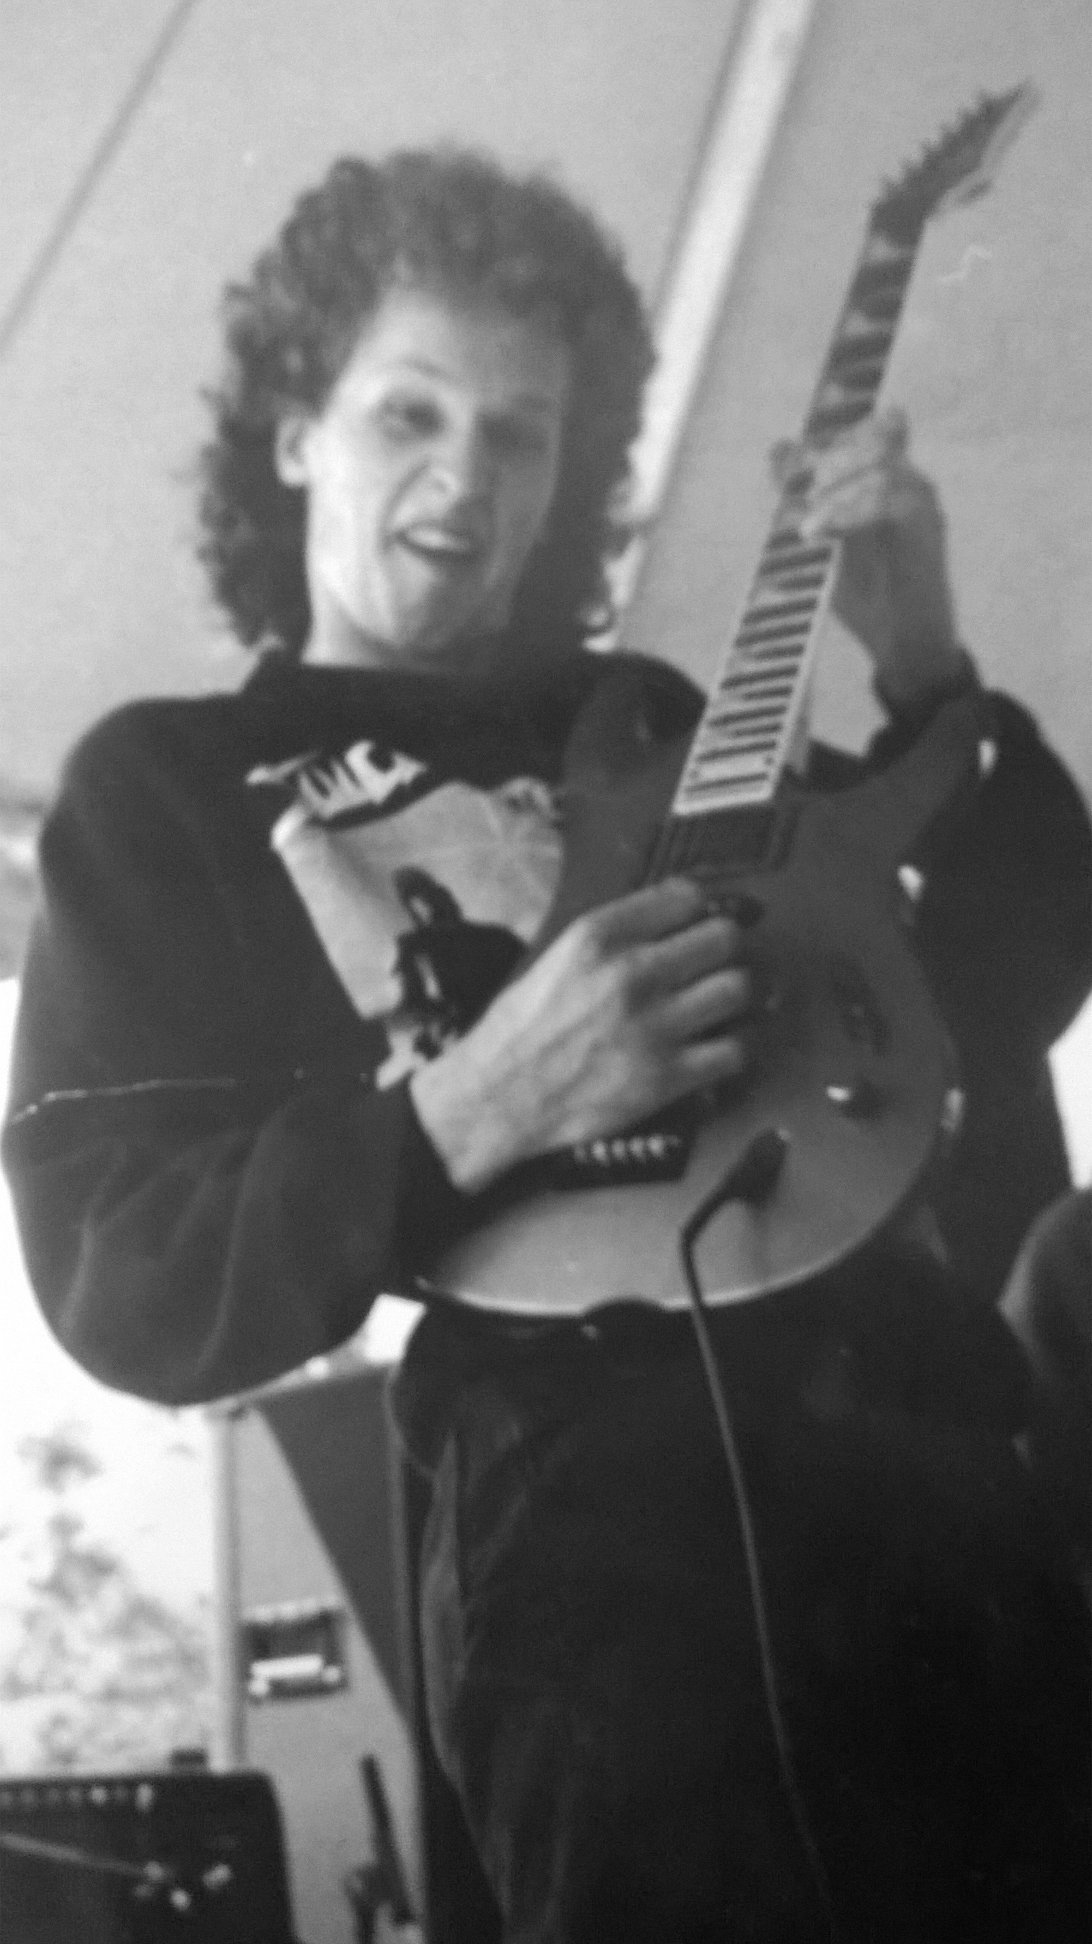 Paul_de_Zeeuw_2{_Gitaarschool_The_Guitar